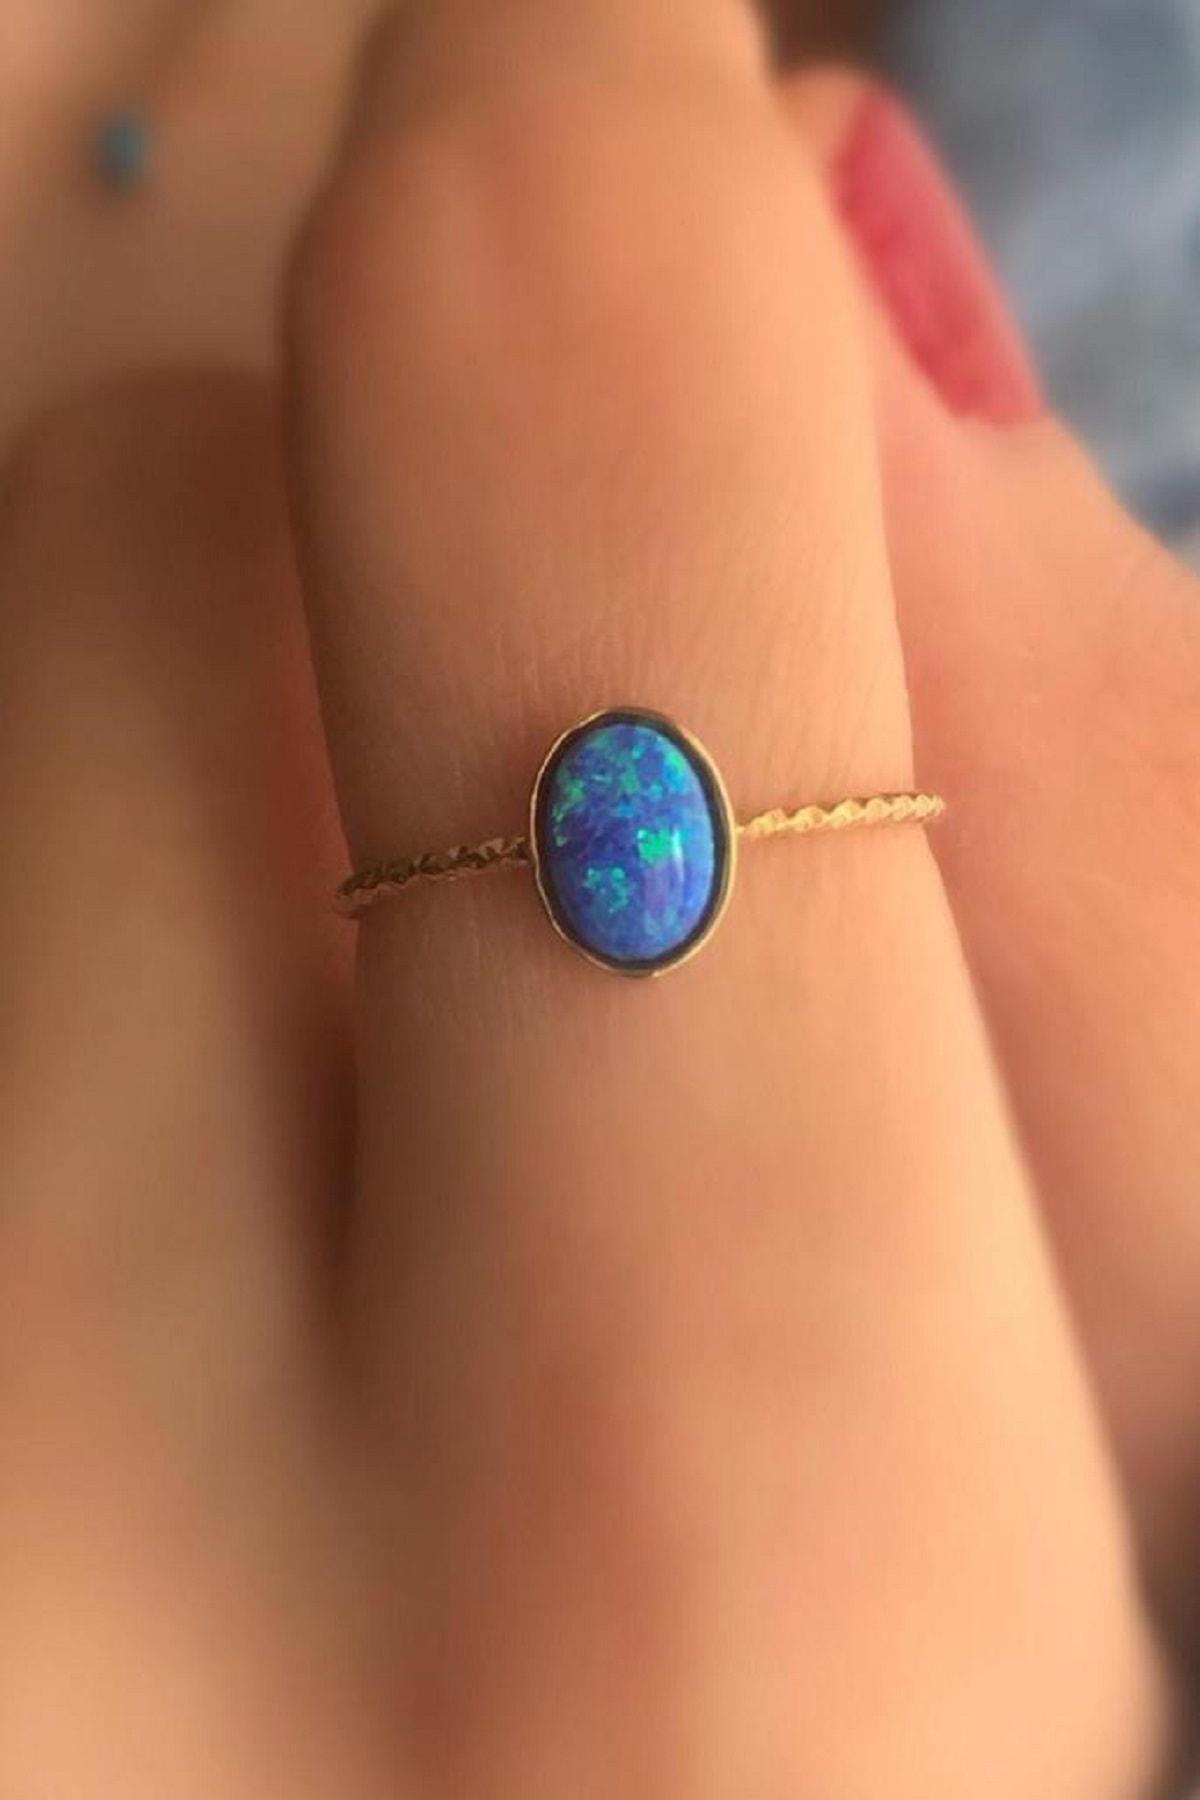 Dalmarkt 925 Ayar Gümüş Üzeri Altın Kaplama Mavi Opal Taş Yüzük